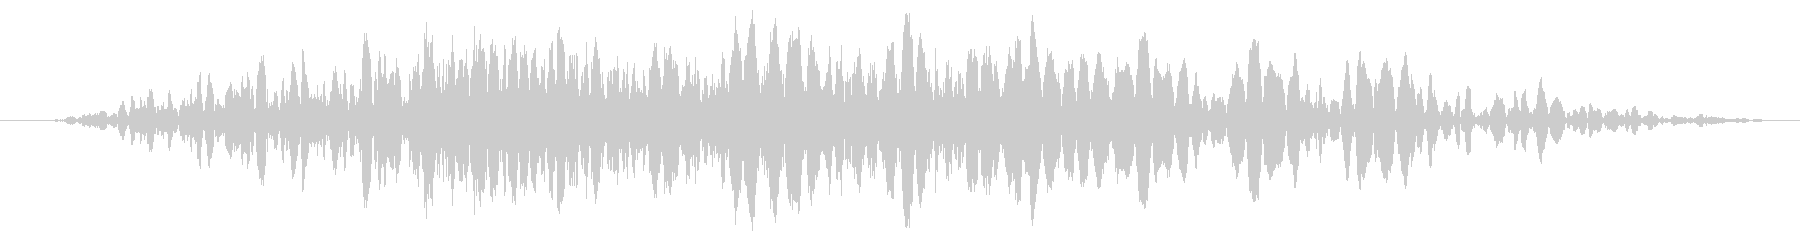 パルスヒス変換の未再生の波形